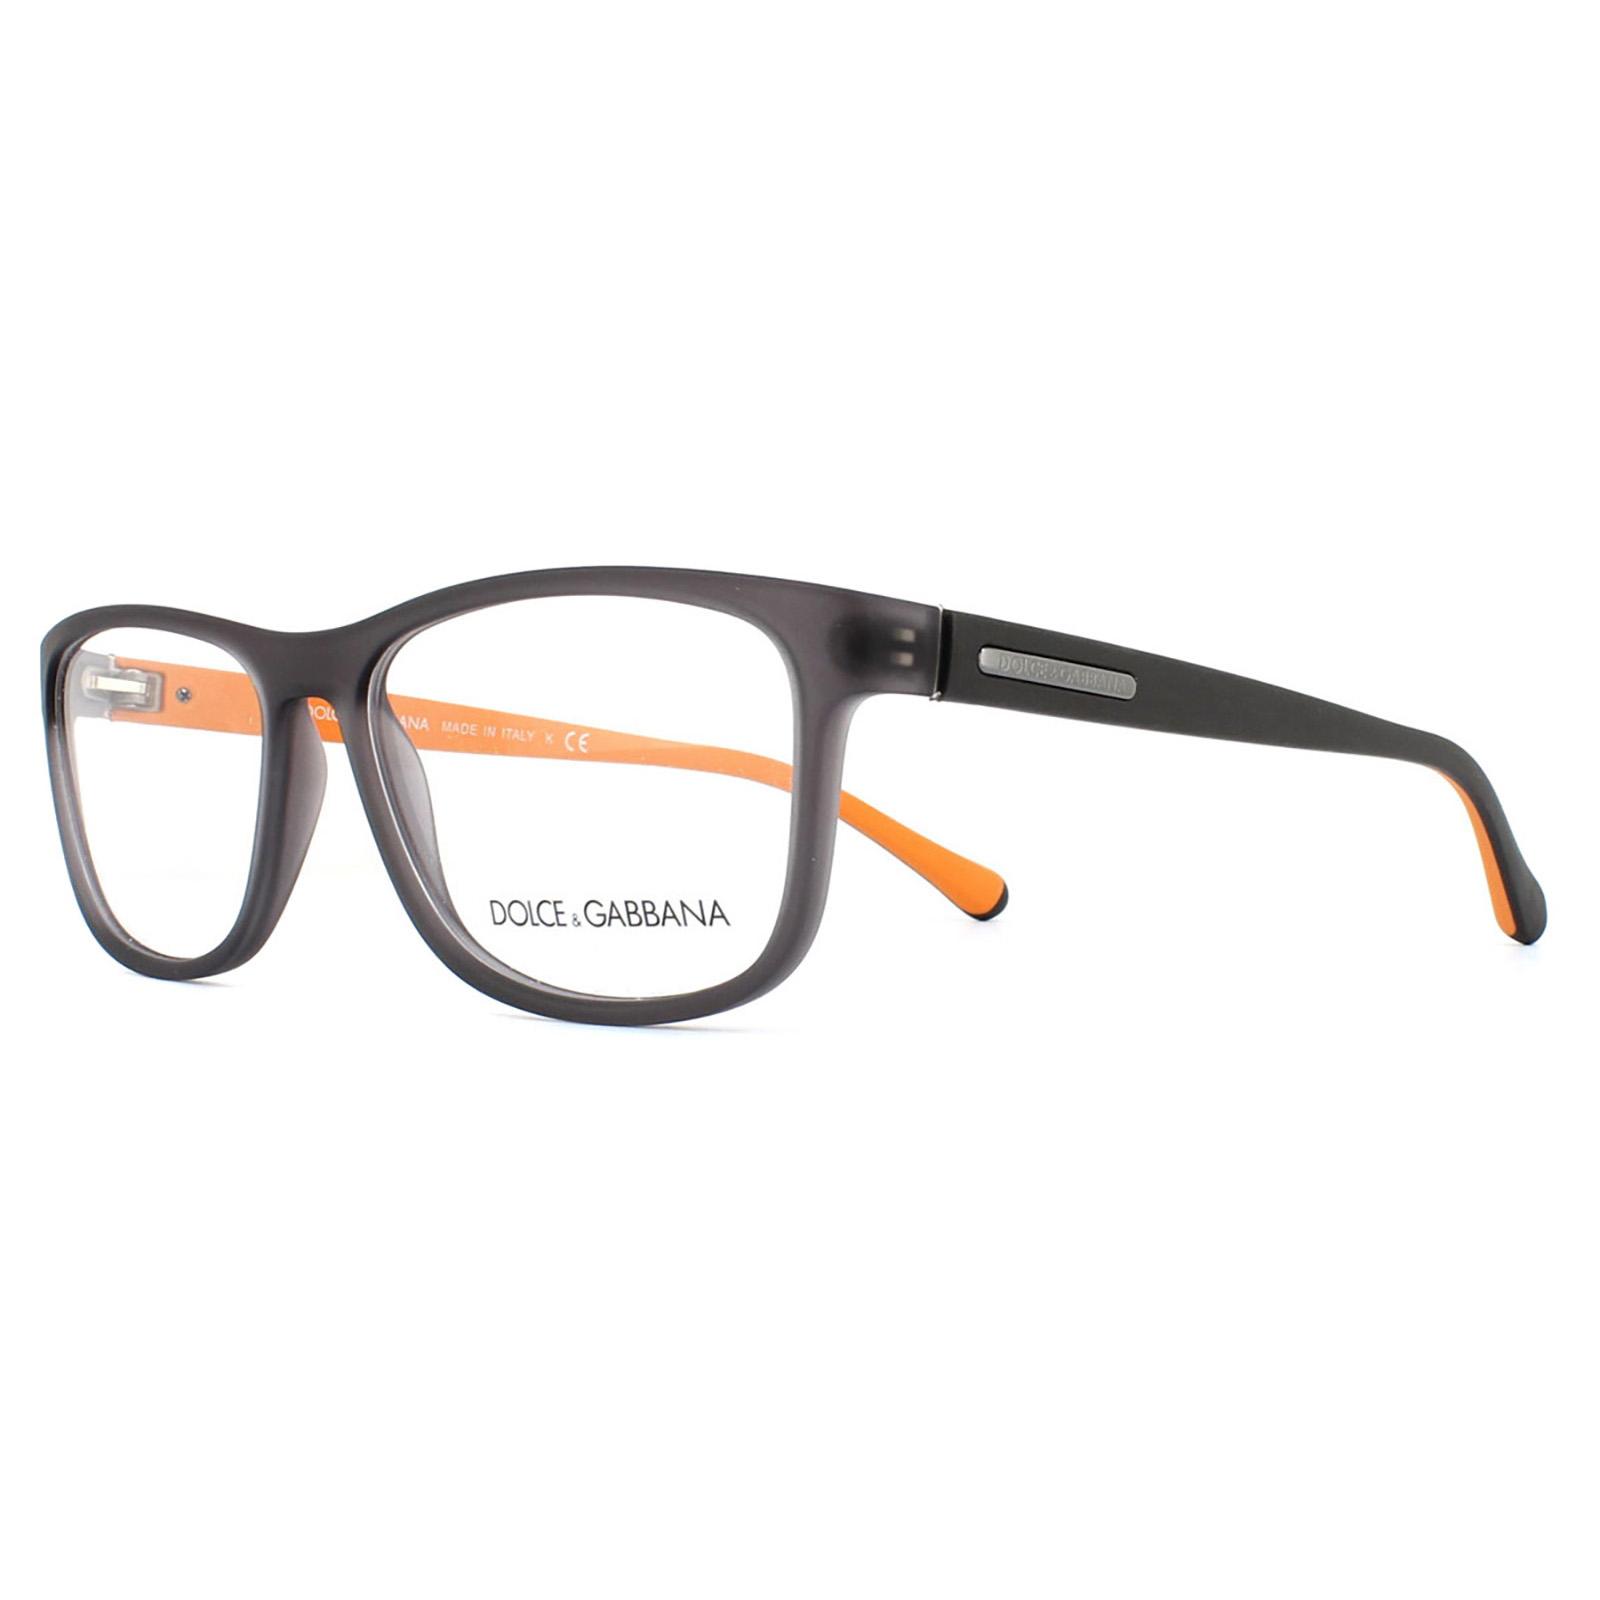 sentinel dolce and gabbana glasses frames 5003 2813 grey demi transp rubber men 54mm - Dolce And Gabbana Glasses Frames